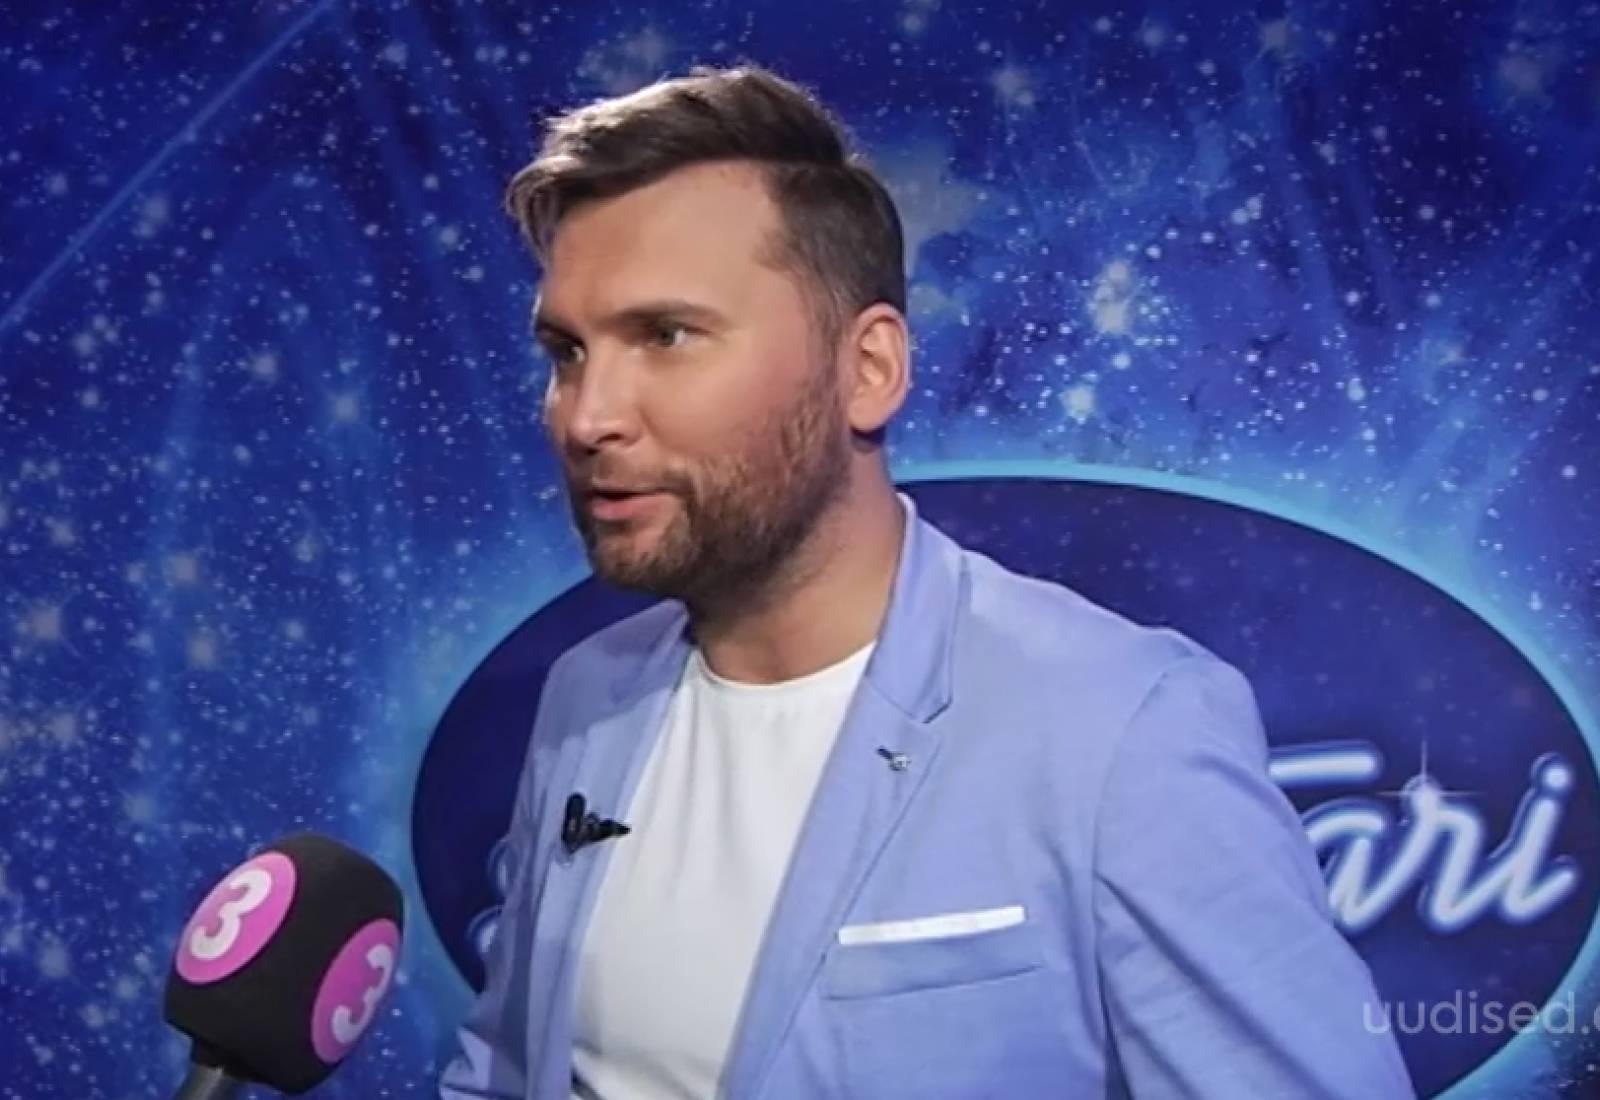 VIDEO I Hanna-Liina Võsa ja Koit Toome suvine kontserttuur viib publiku kustumatu Eesti estraadi rännakule